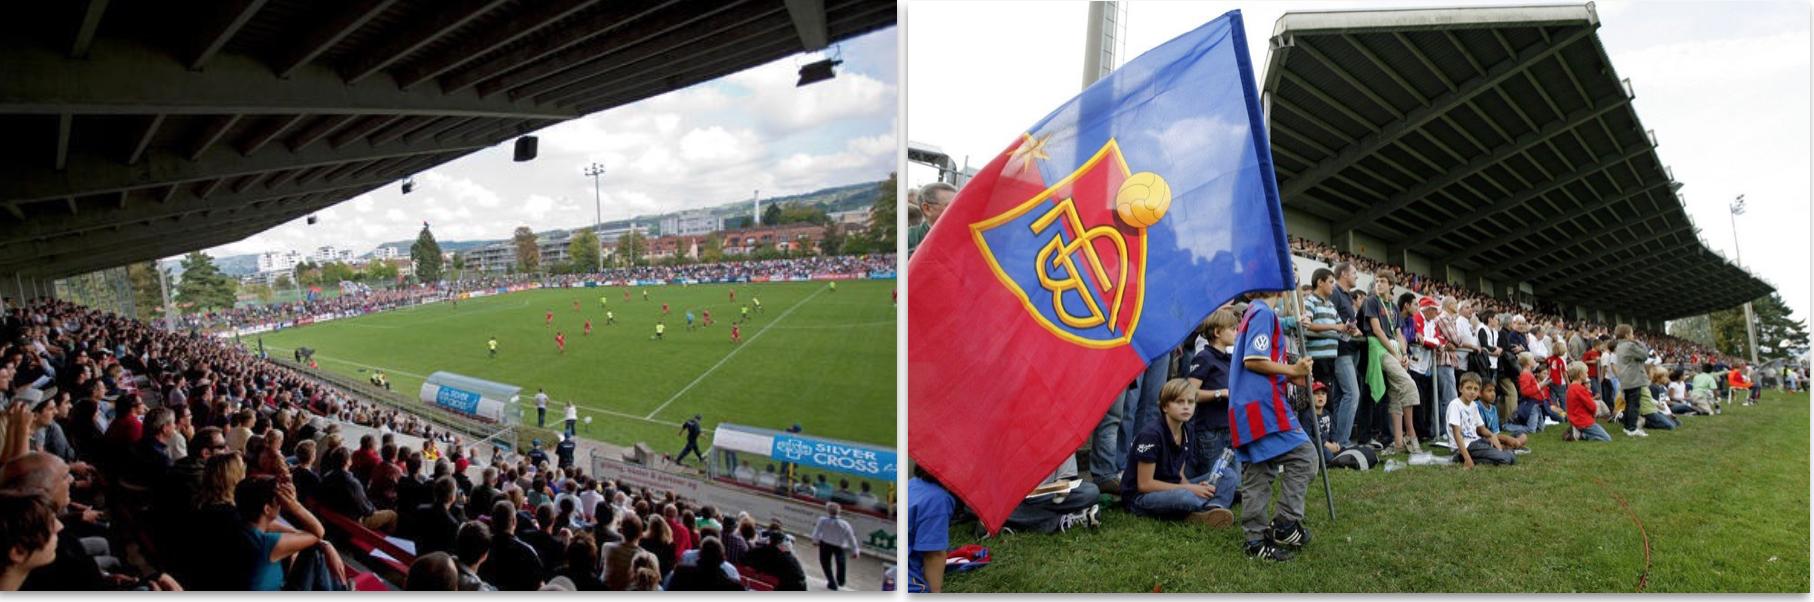 Schweizer Cup im September 2009 in Zug: Der FC Basel gewinnt gegen Cham vor 5200 Zuschauern mit 3:0. Torschützen damals unter FCB-Trainer Thorsten Fink: Zweimal Federico Almerares und Orhan Mustafi.